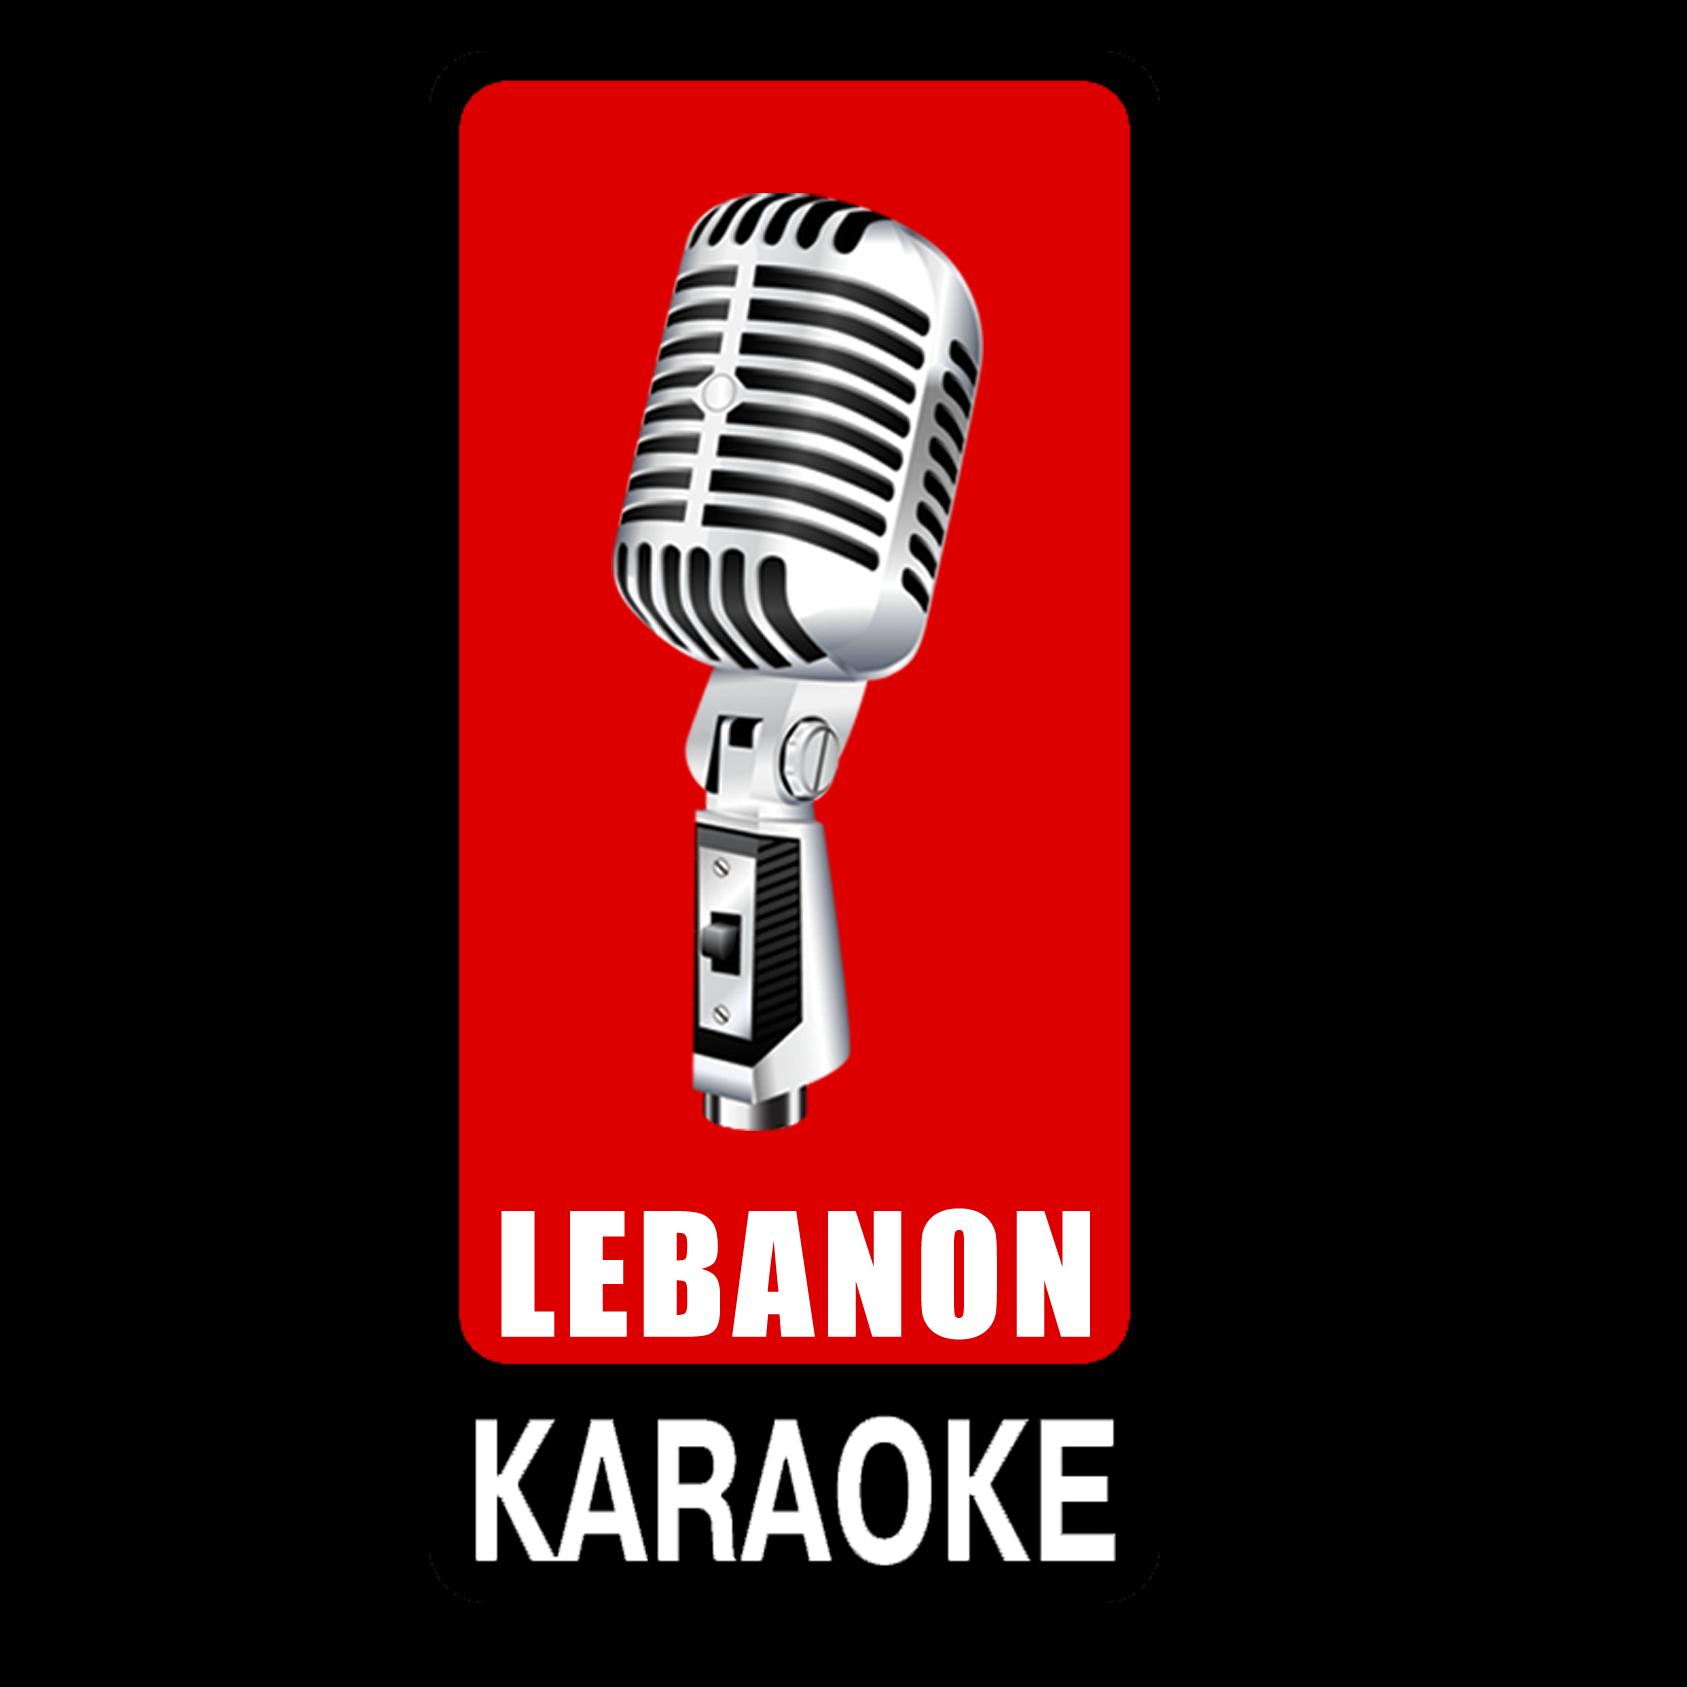 lebanon karaoke fm